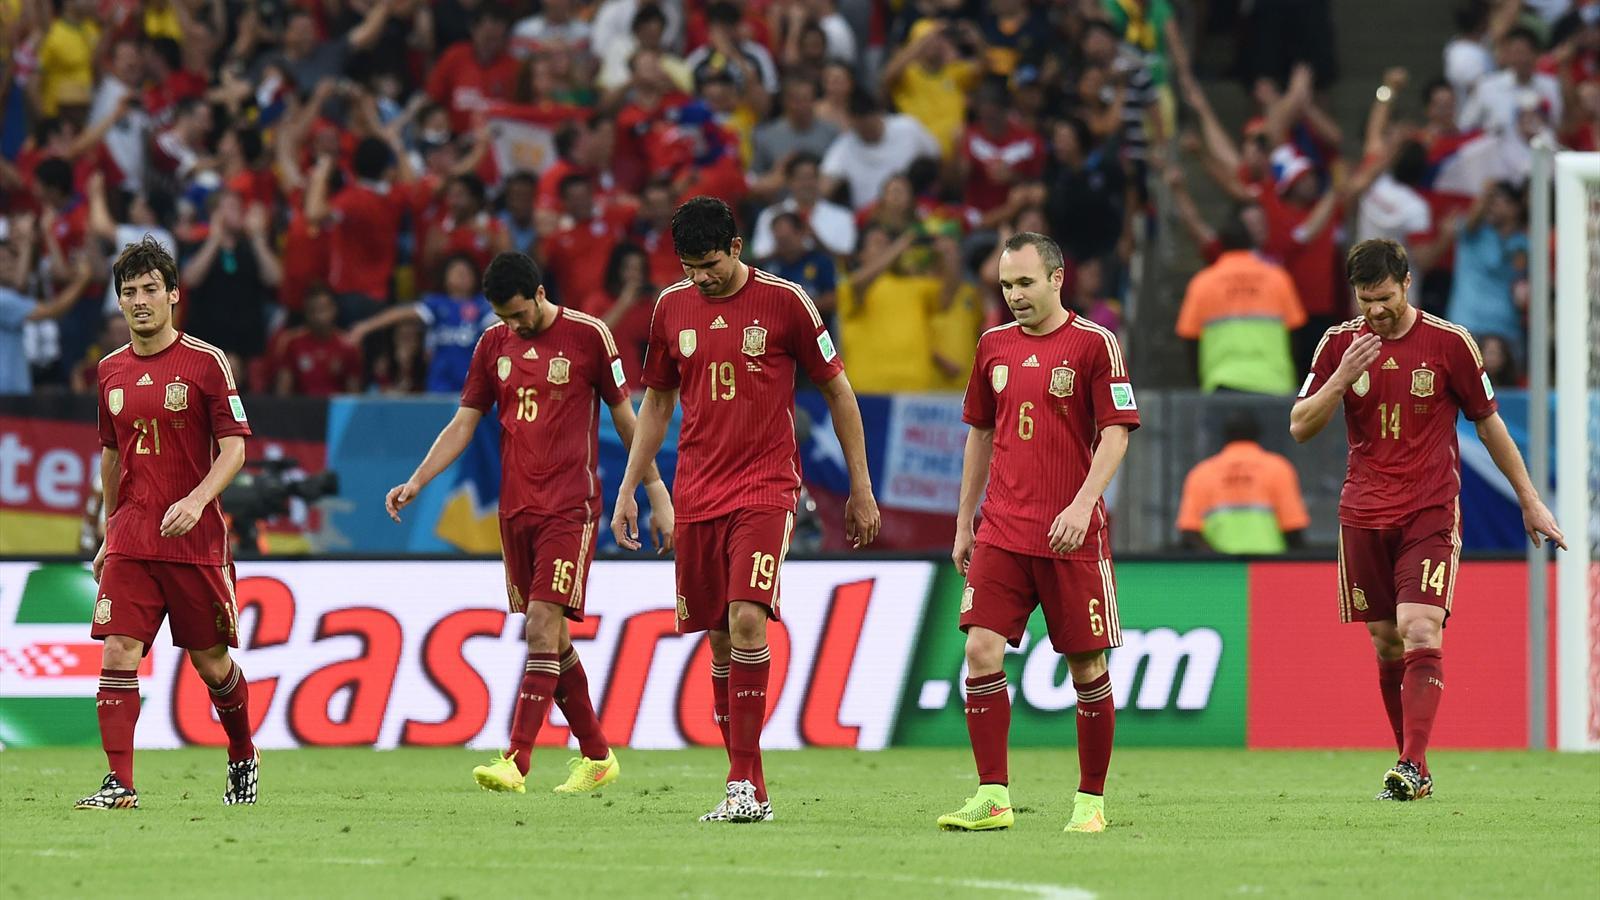 En direct live espagne chili coupe du monde 18 - Regarder la coupe d afrique en direct ...